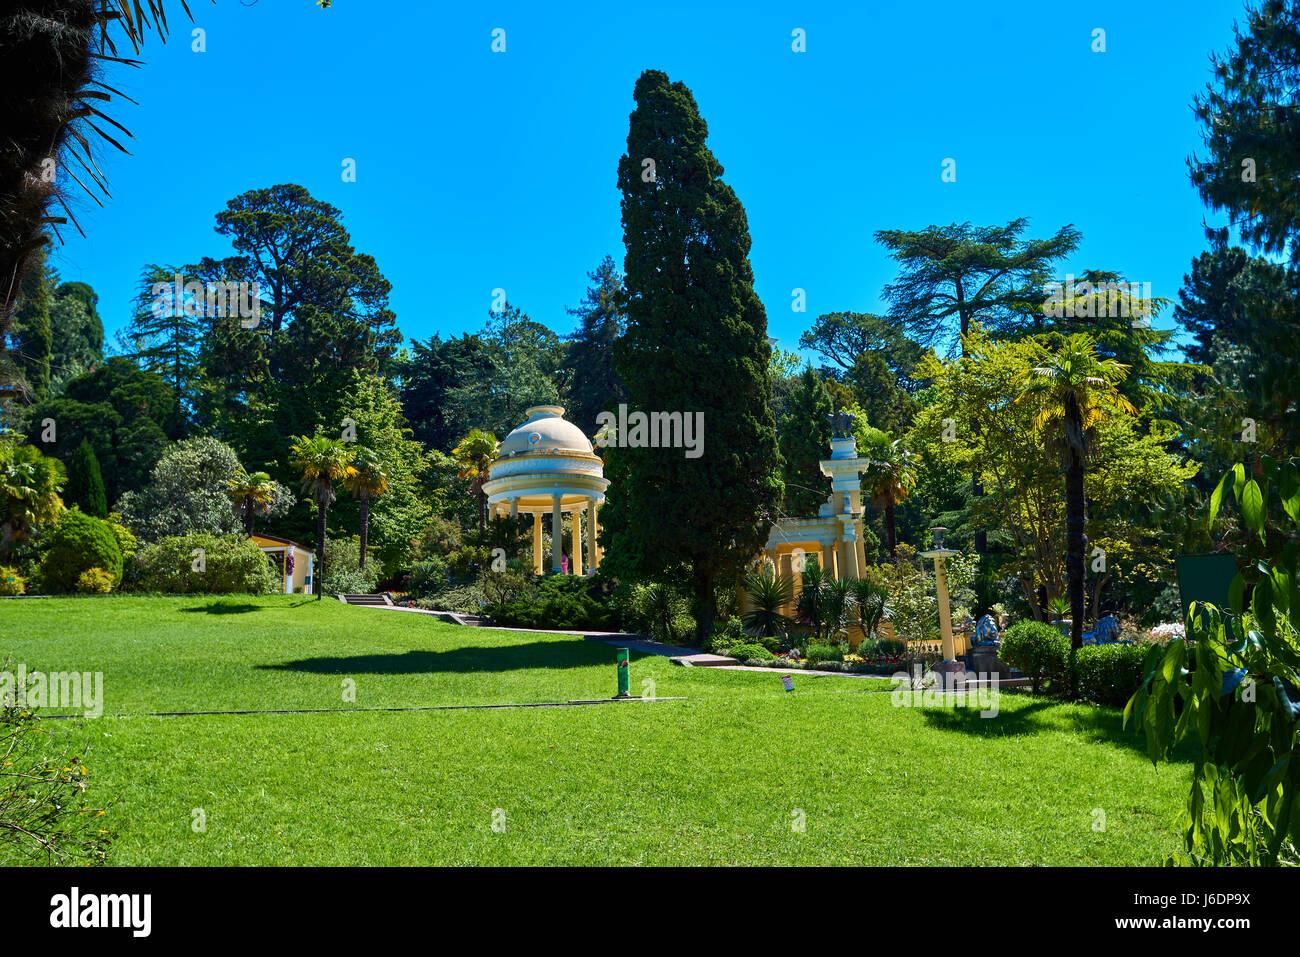 Sochi Arboretum is a museum of nature 47